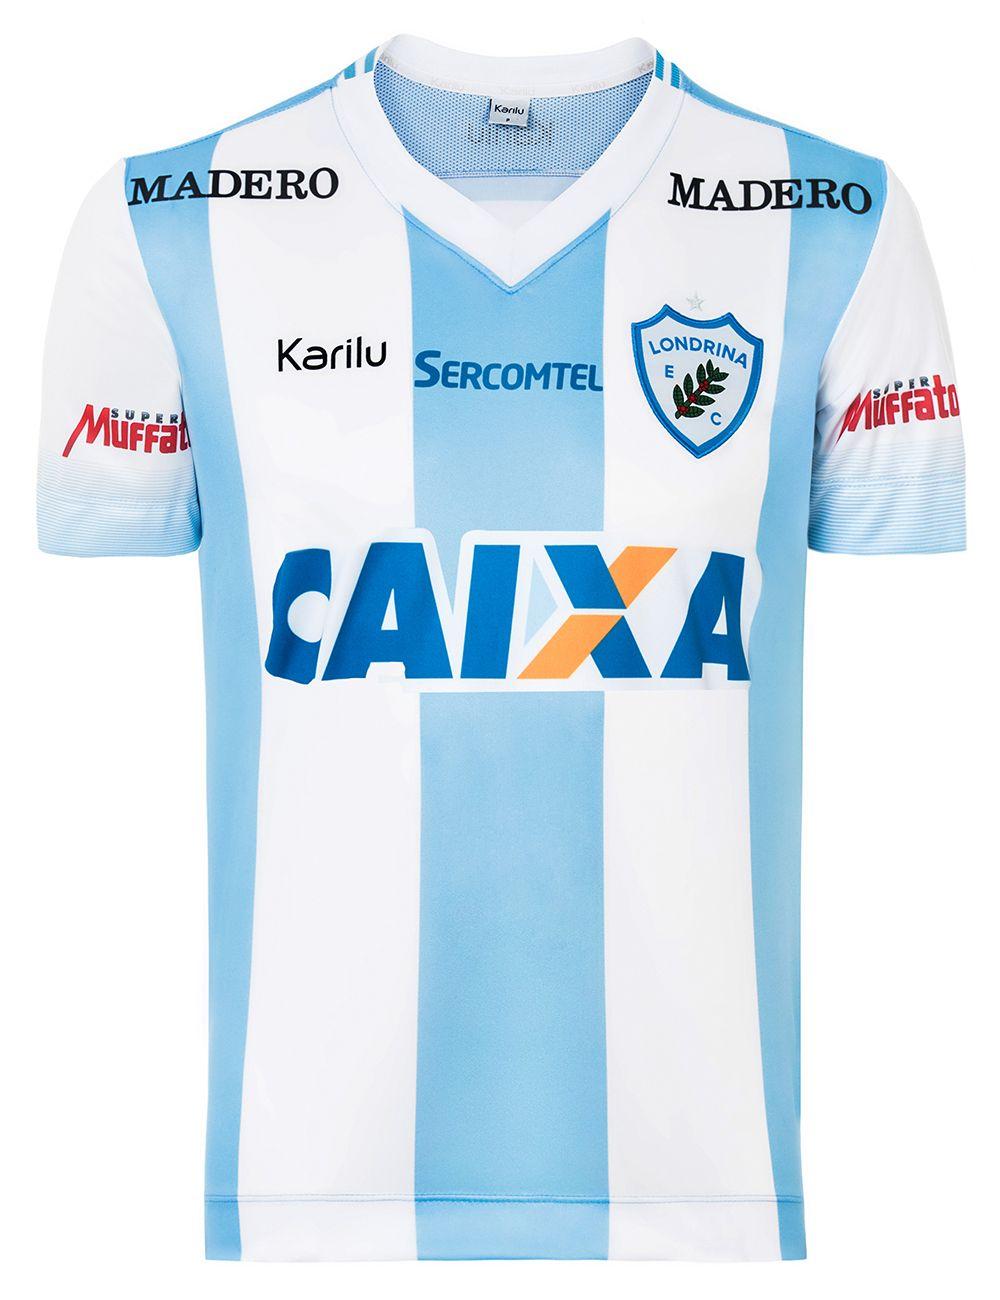 a483946ee Camisa oficial do Londrina - Listrado - BRASILEIRÃO 2017 na Karilu